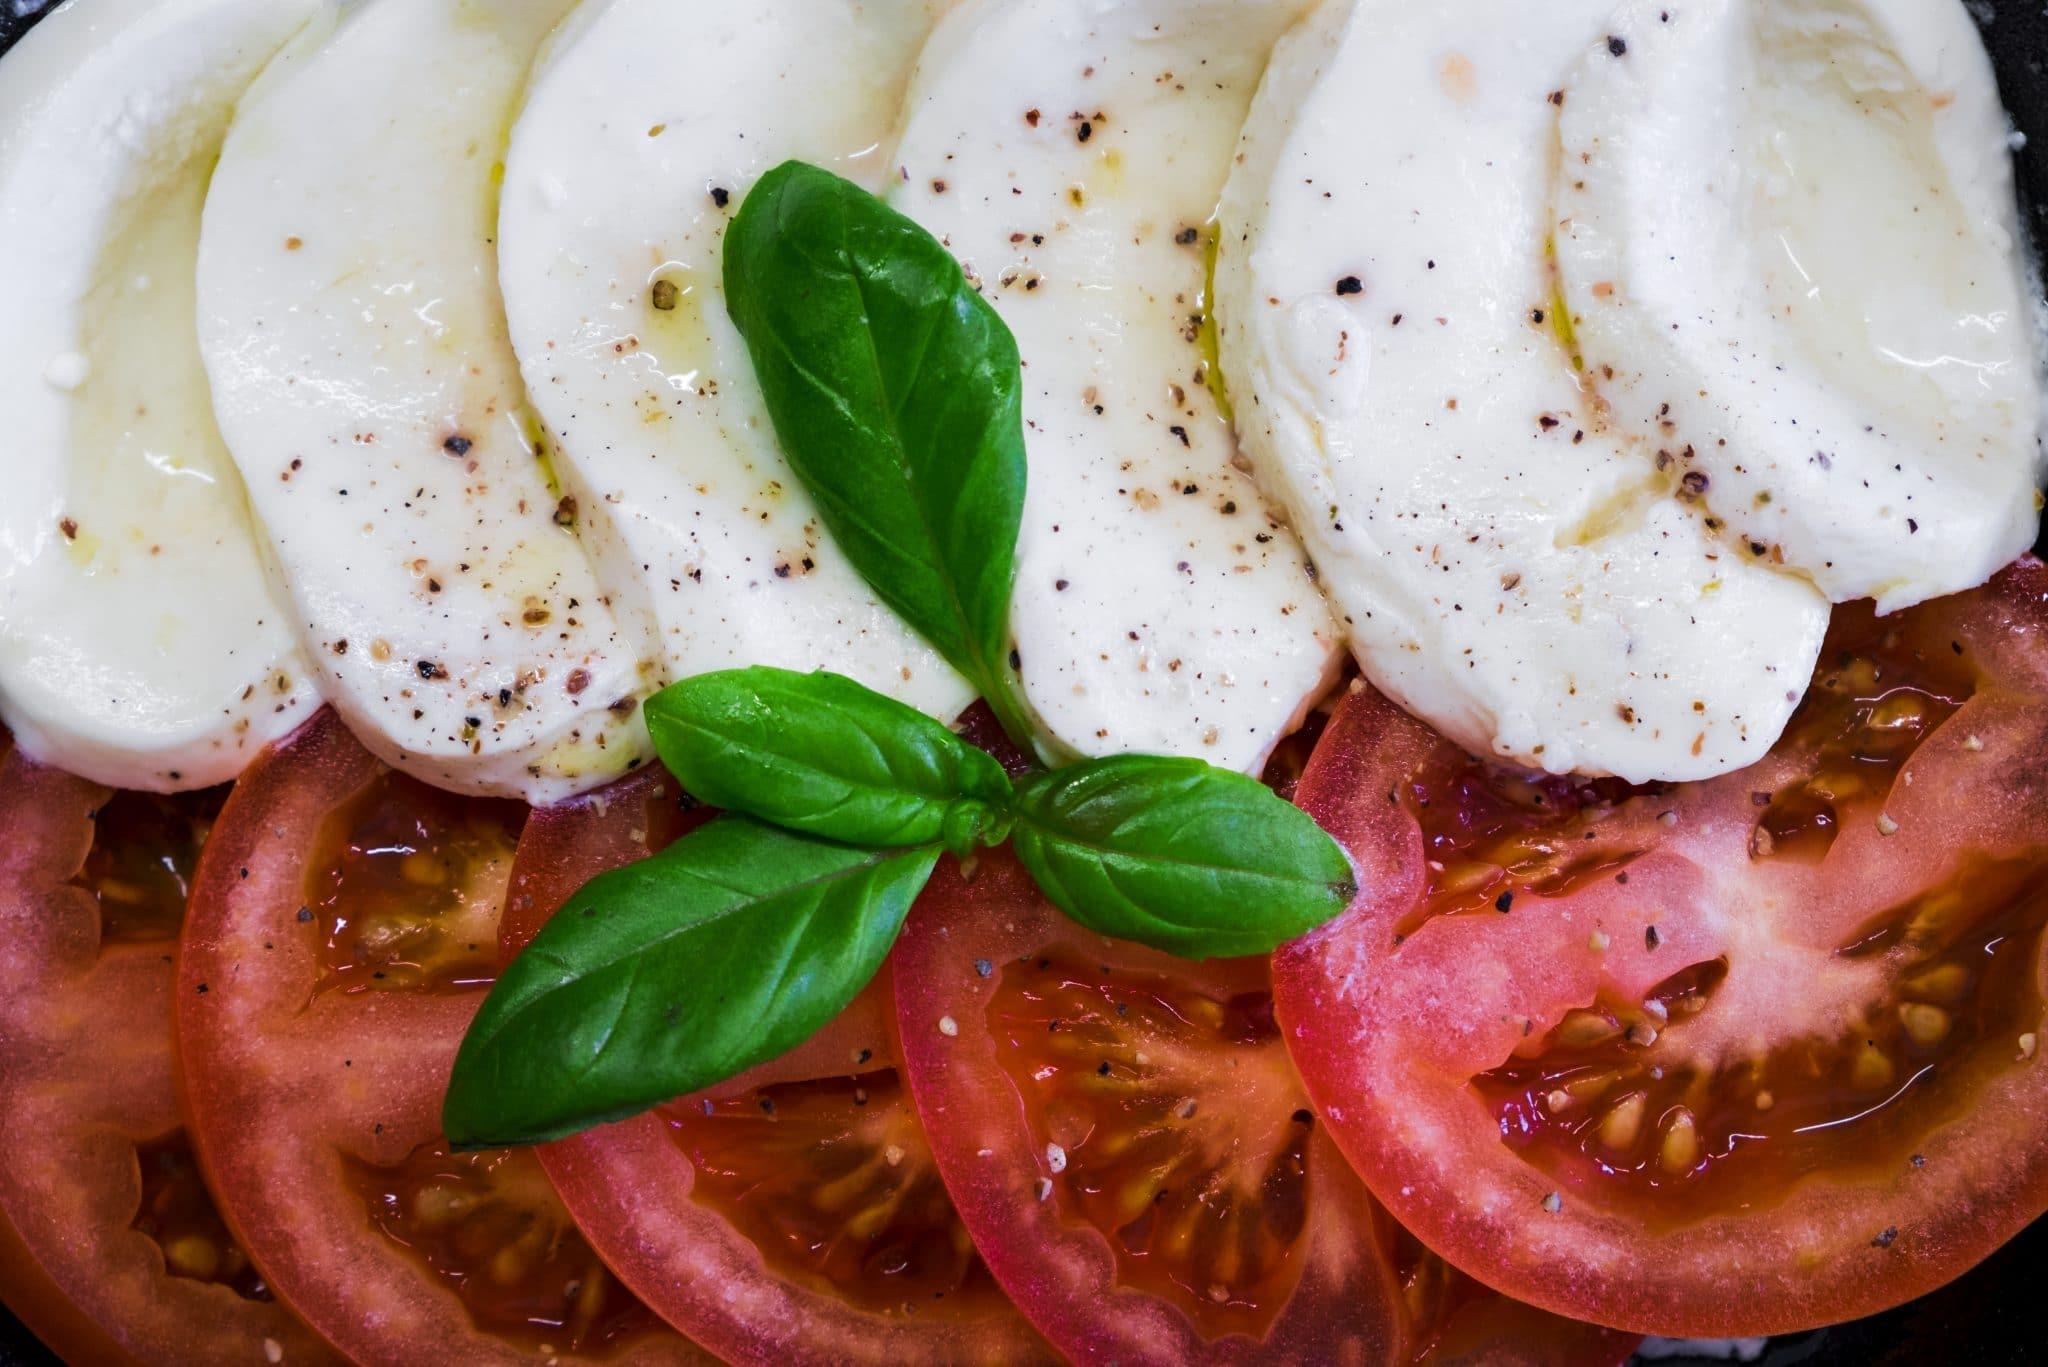 tomatoes mozzarella basil, salad tomatoes mozzarella